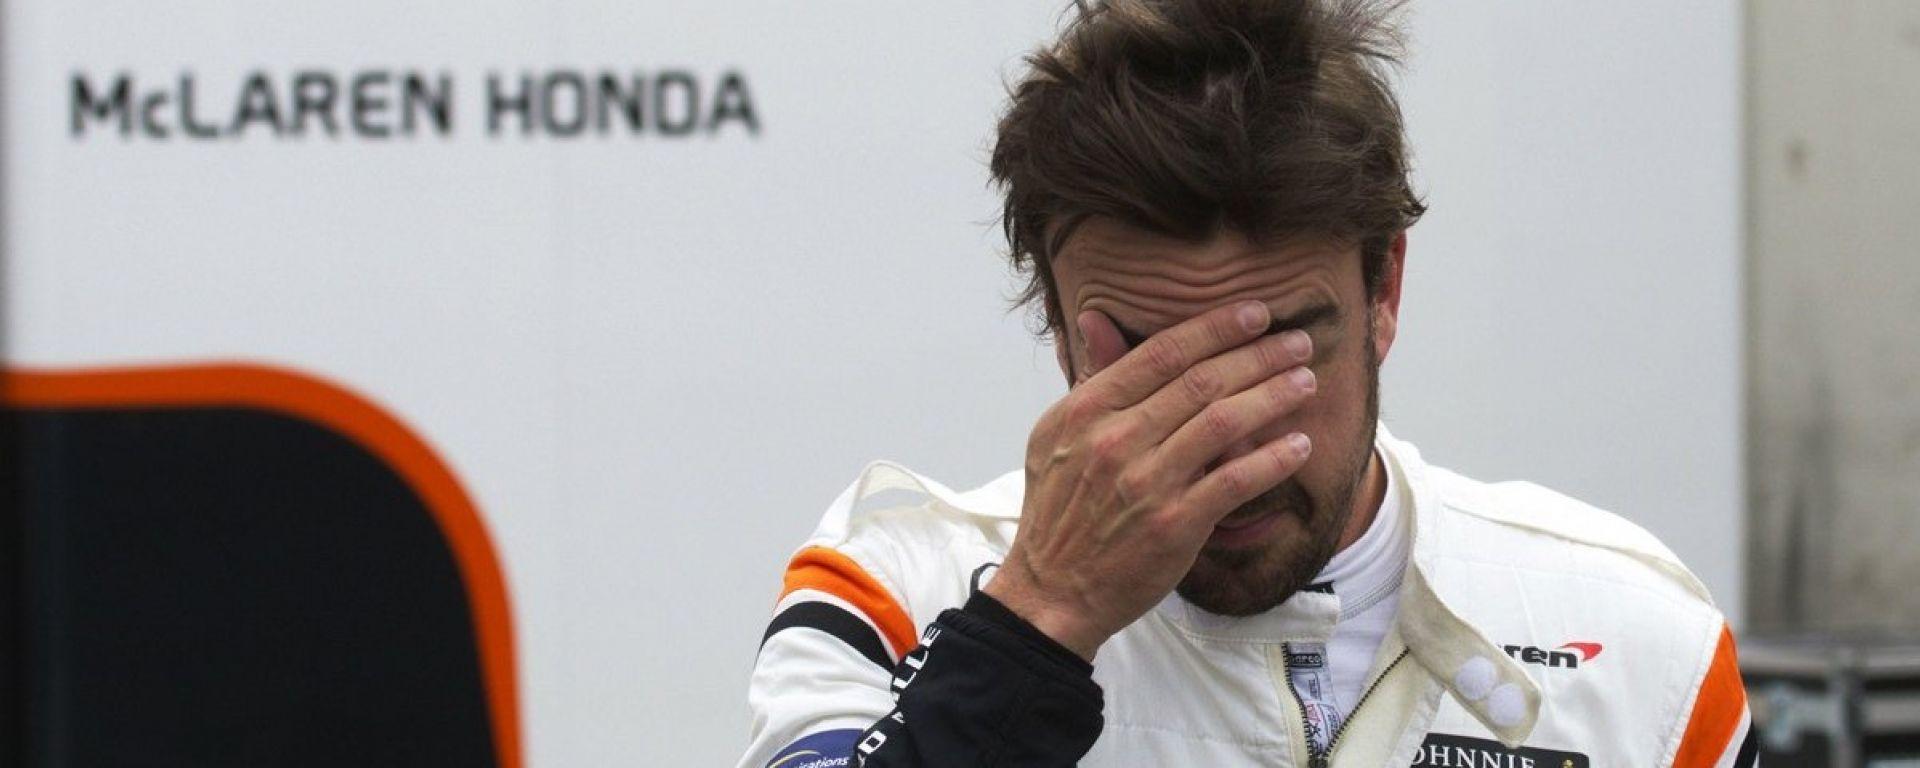 McLaren-Honda, Fernando Alonso